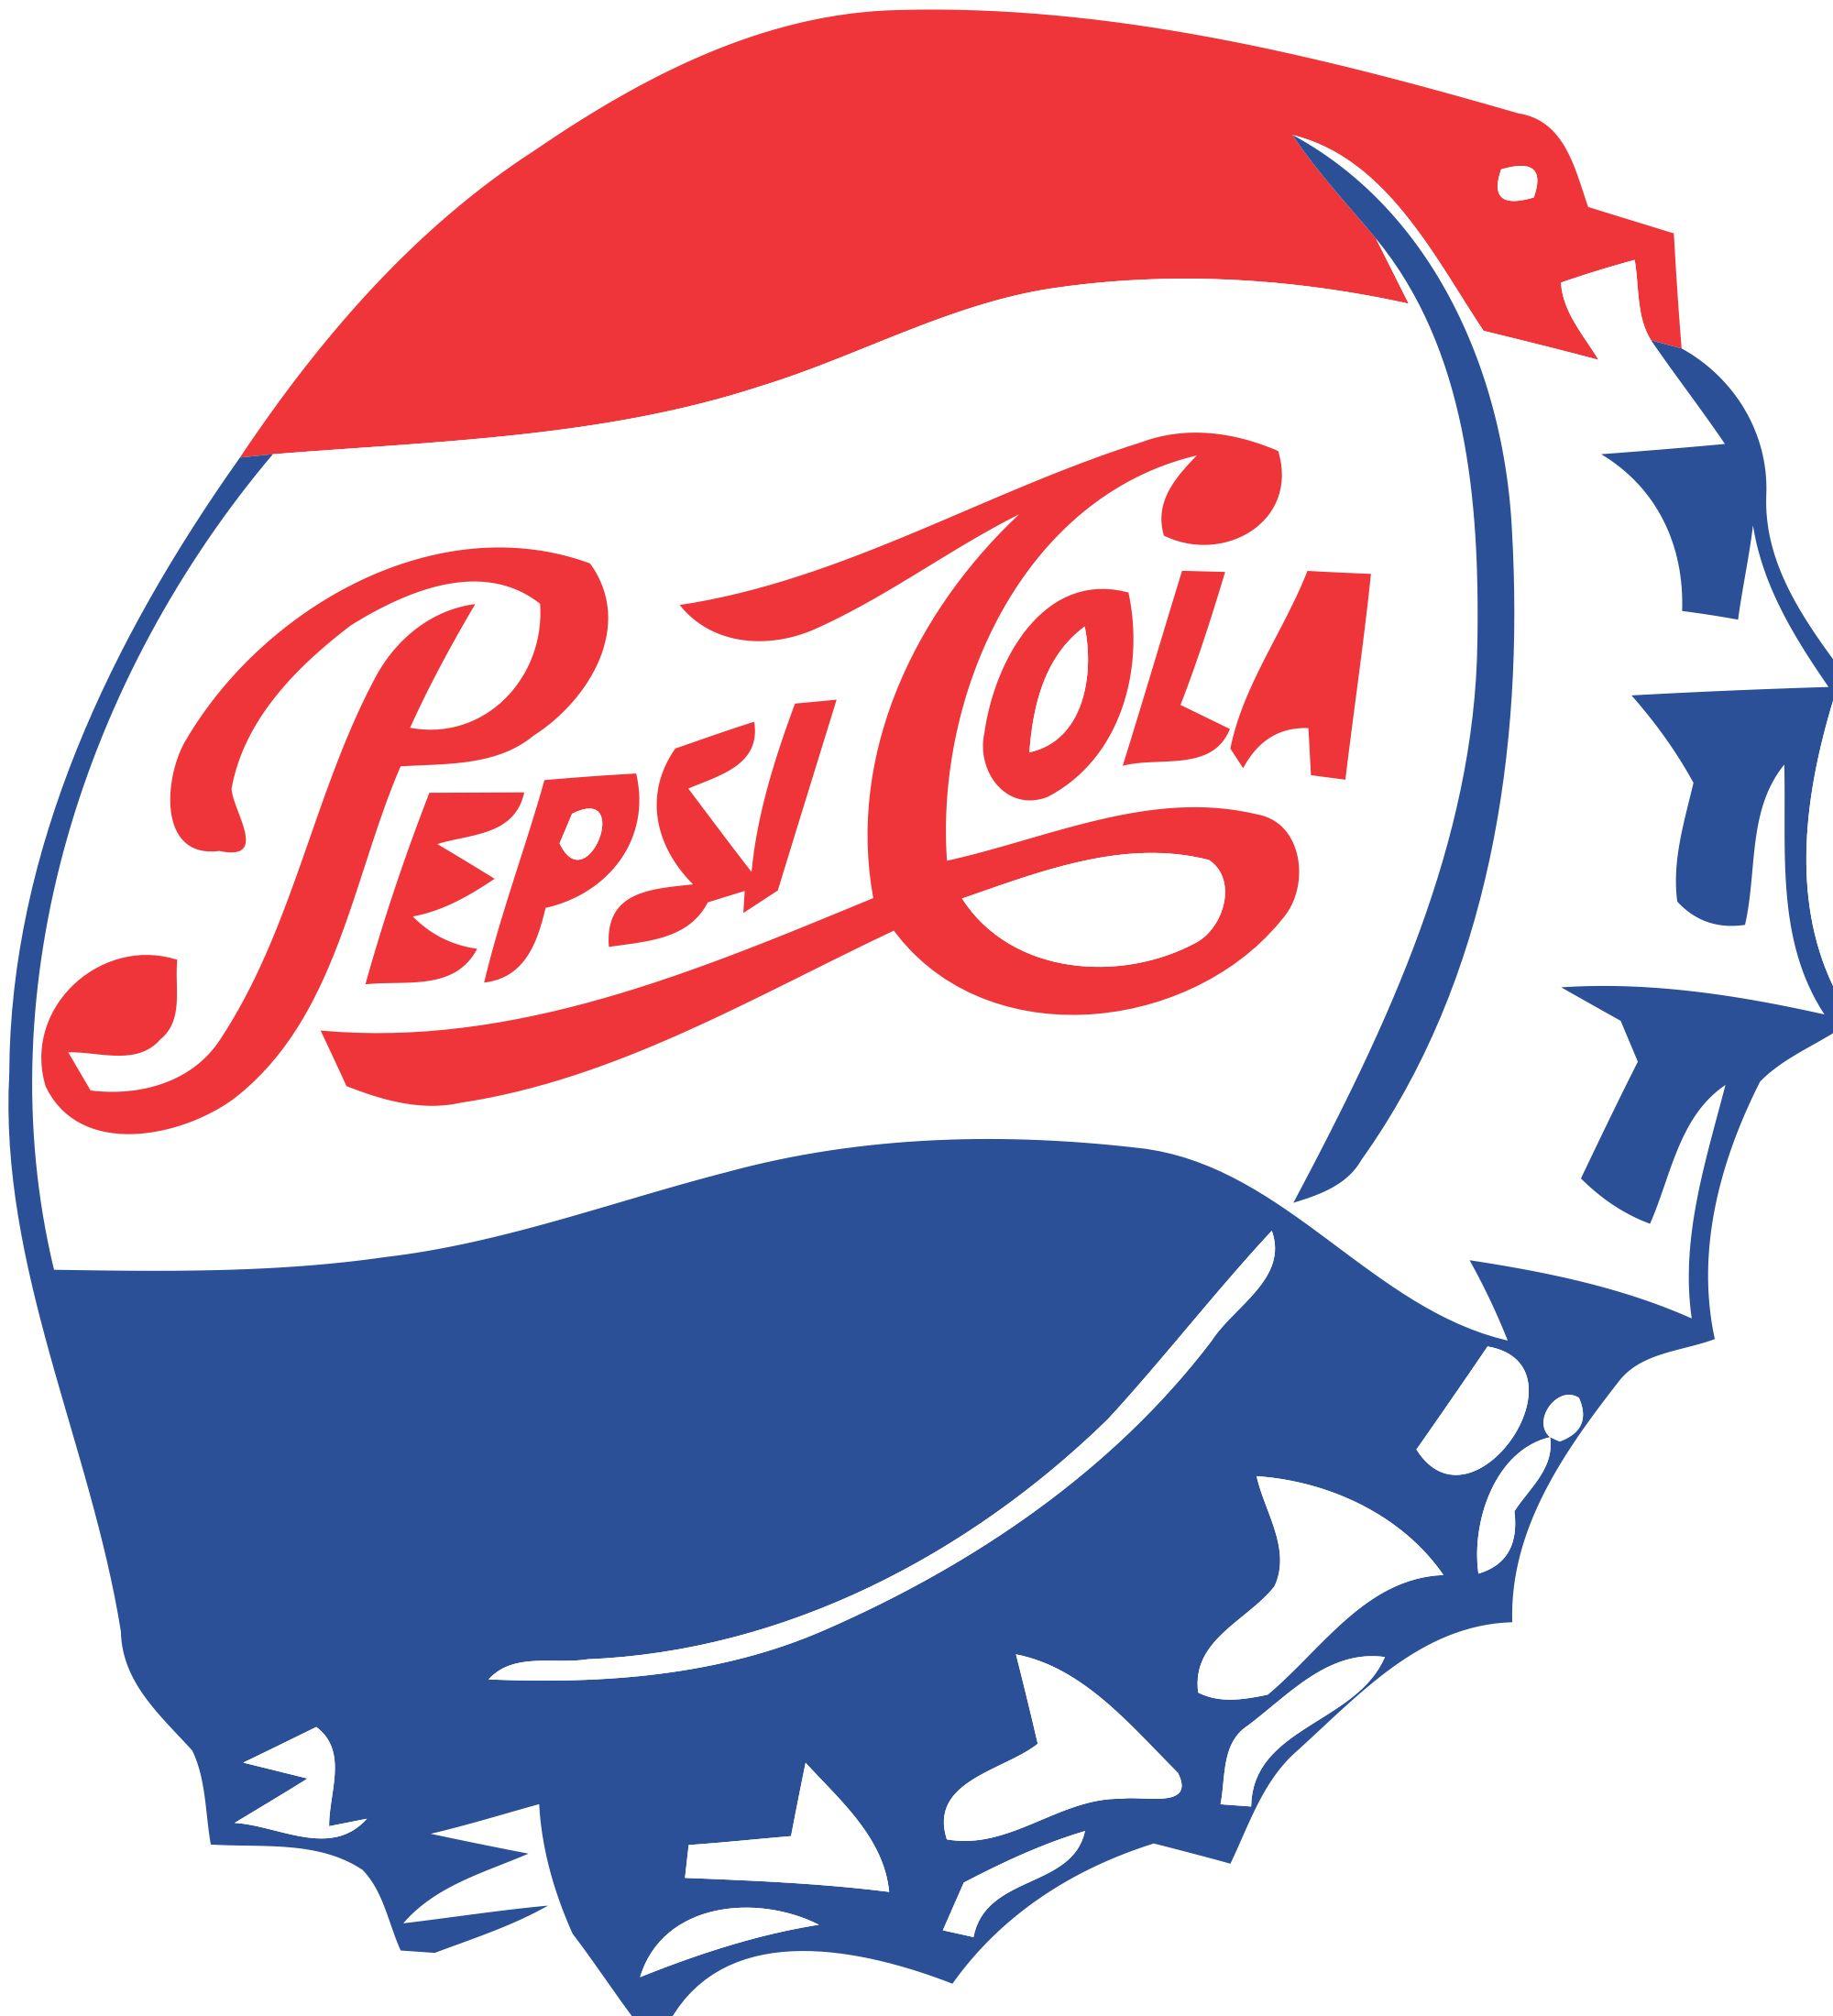 Imagen De Http Aula Center Com Cursos Wp Content Uploads Sites 2 2014 07 Logo Png Pepsi Logo History Logo Pepsi Cola